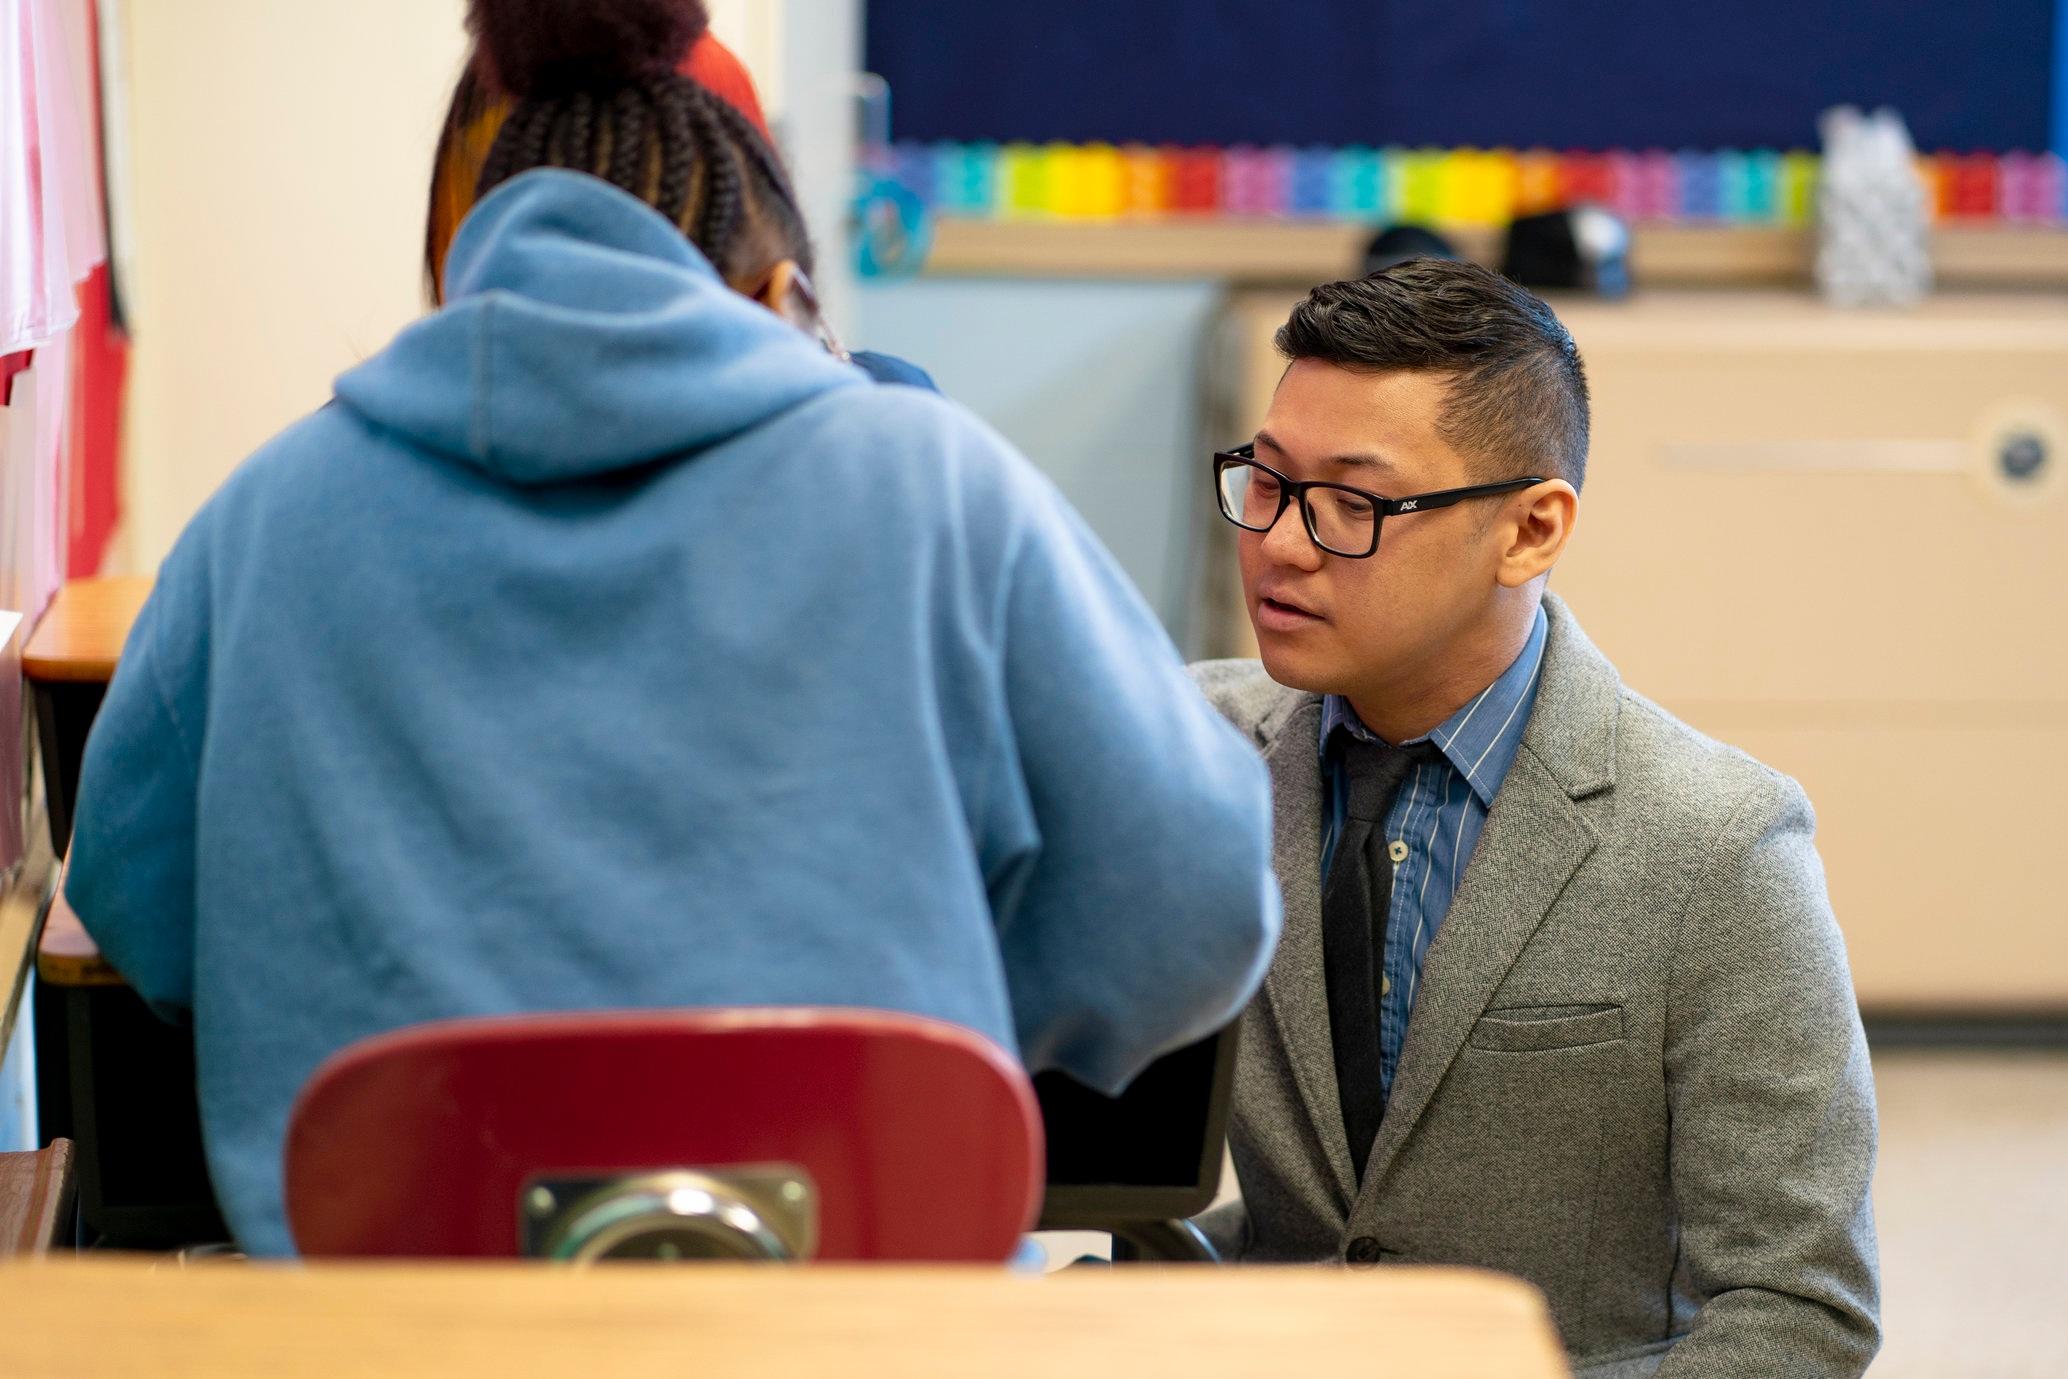 Teacher+Student_Desk.jpg